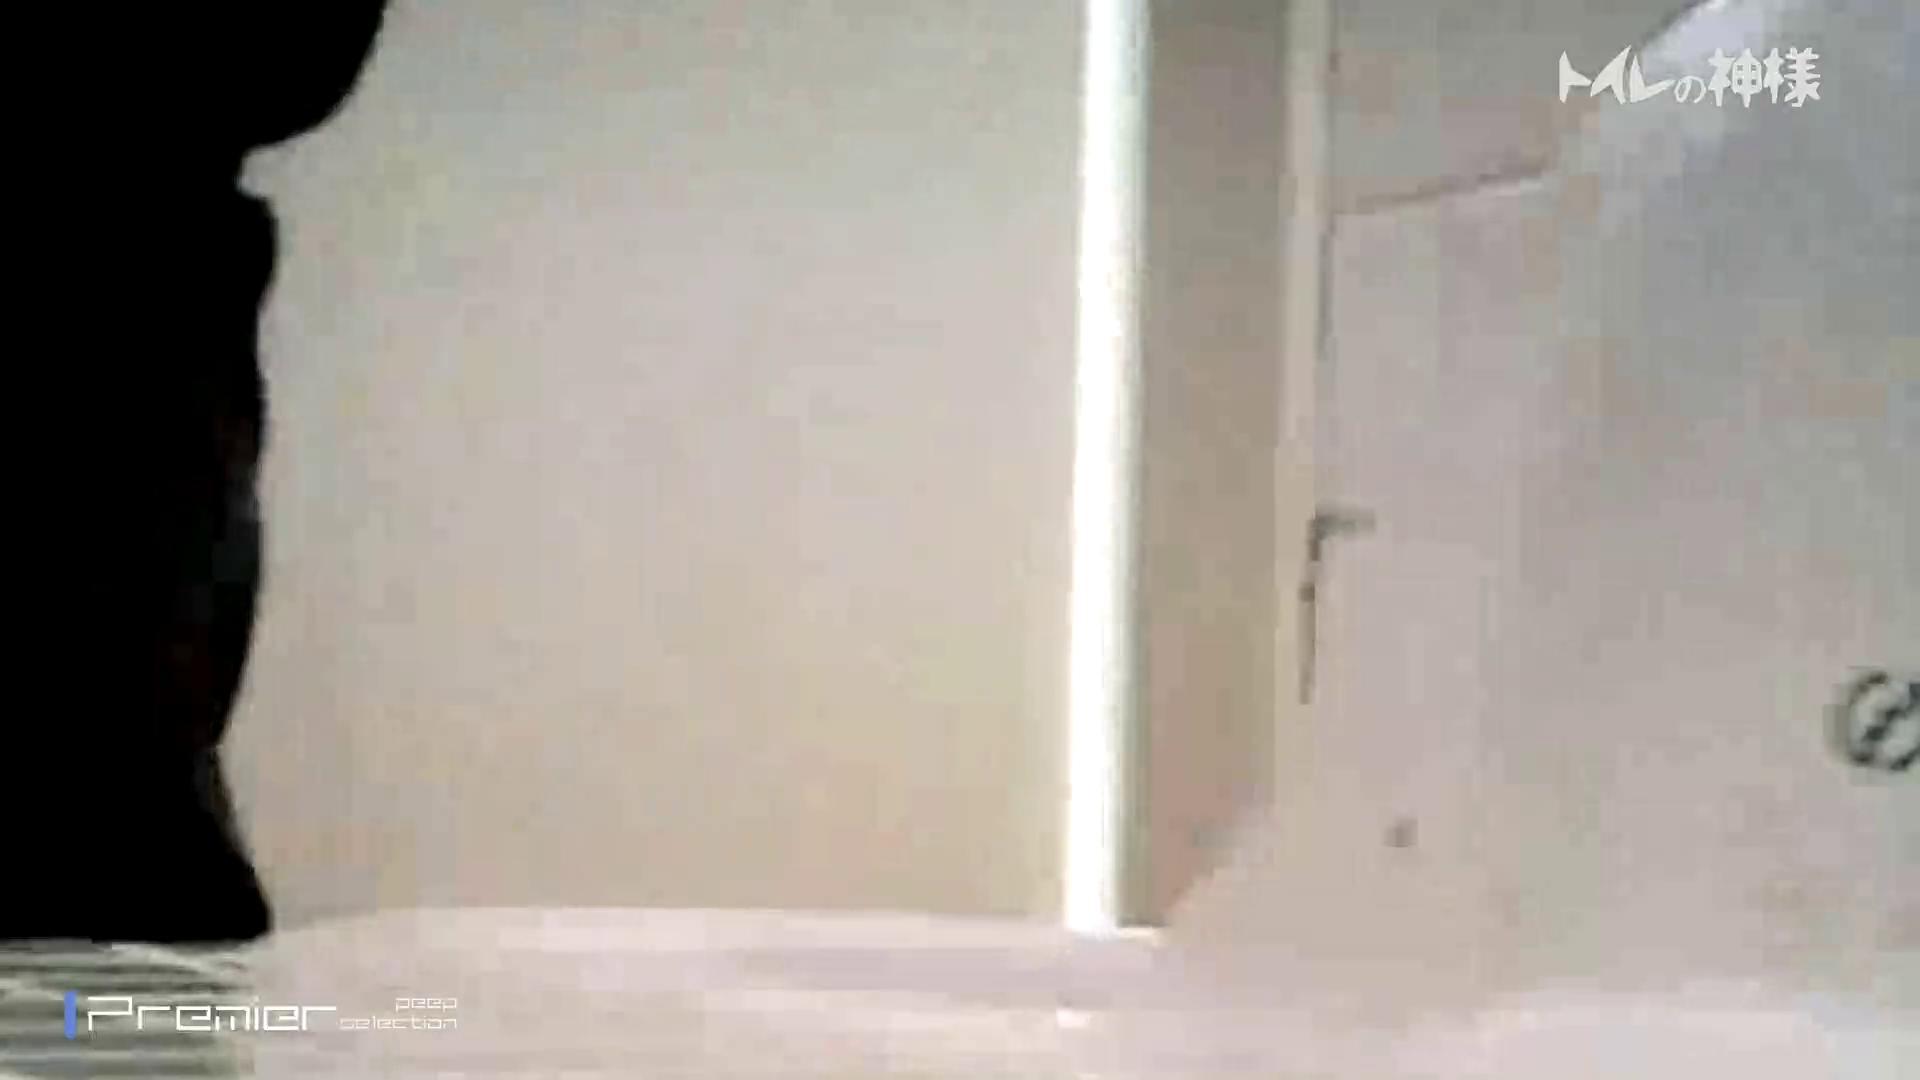 kyouko排泄 うんこをたくさん集めました。トイレの神様 Vol.14 丸見え ワレメ動画紹介 92枚 83